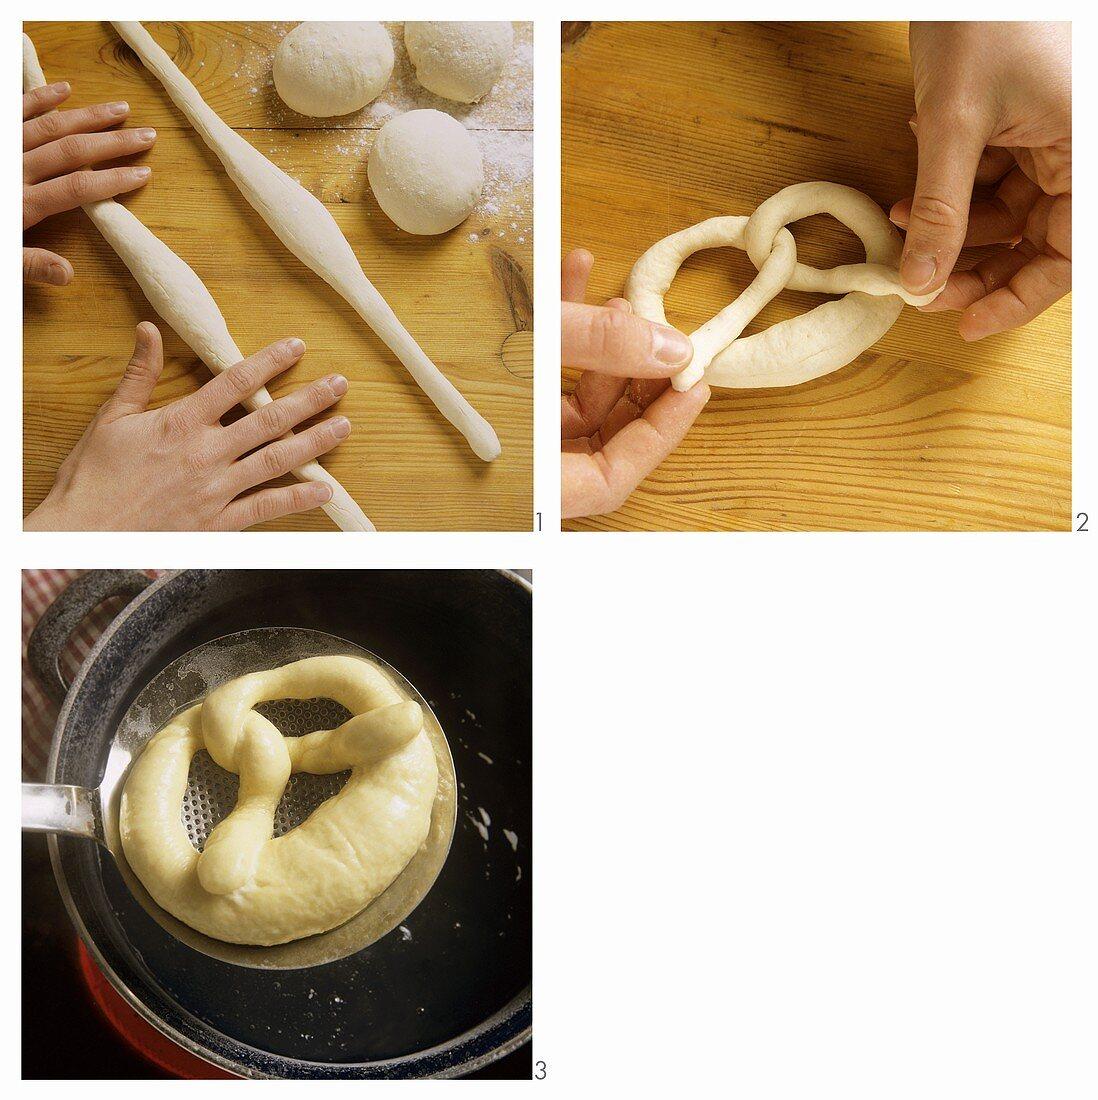 Making salt pretzels